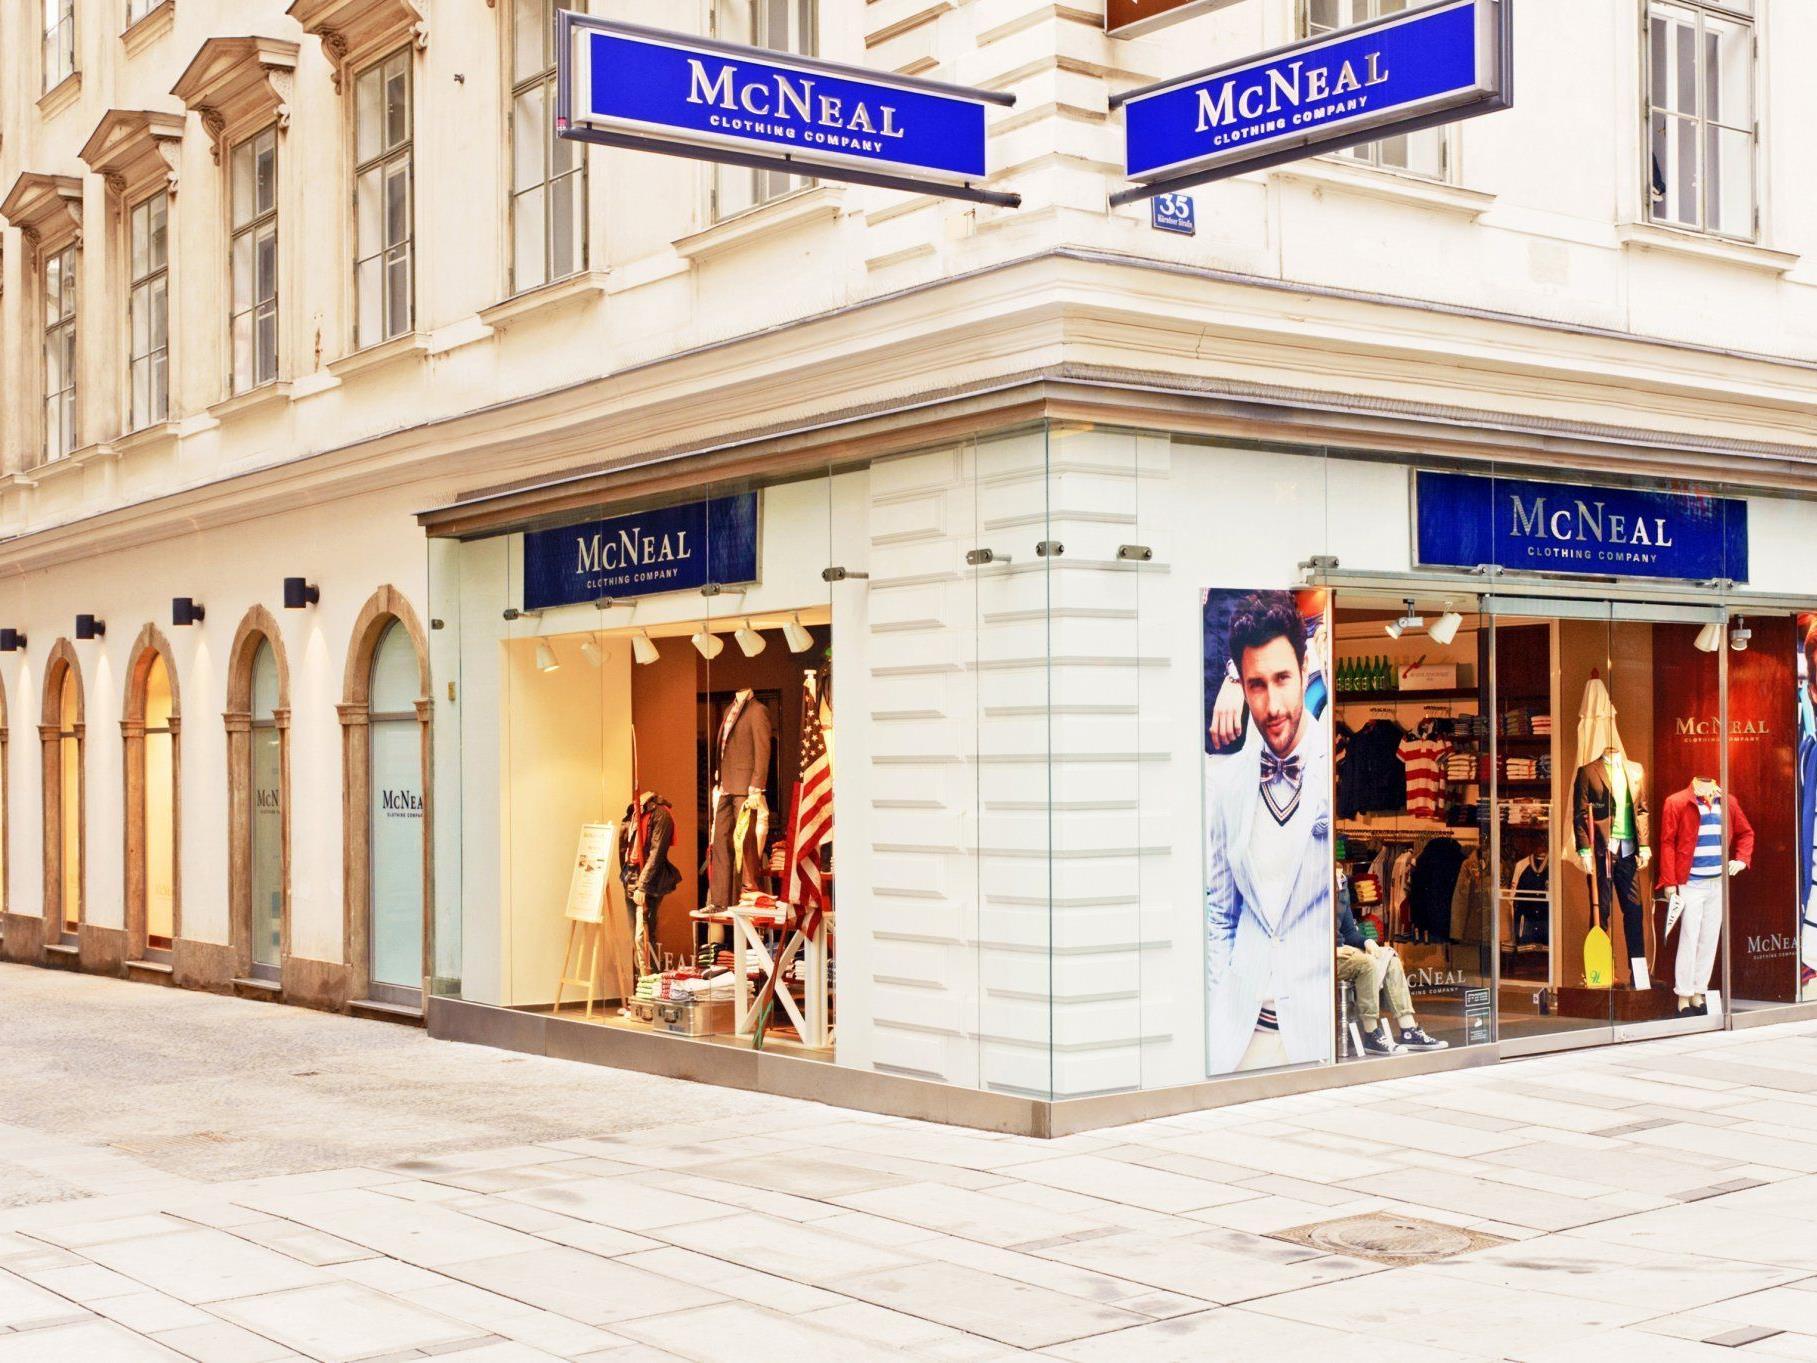 Am Donnerstagabend wurde der McNeal-Flagshipstore auf der Wiener Kärntner Straße eröffnet.